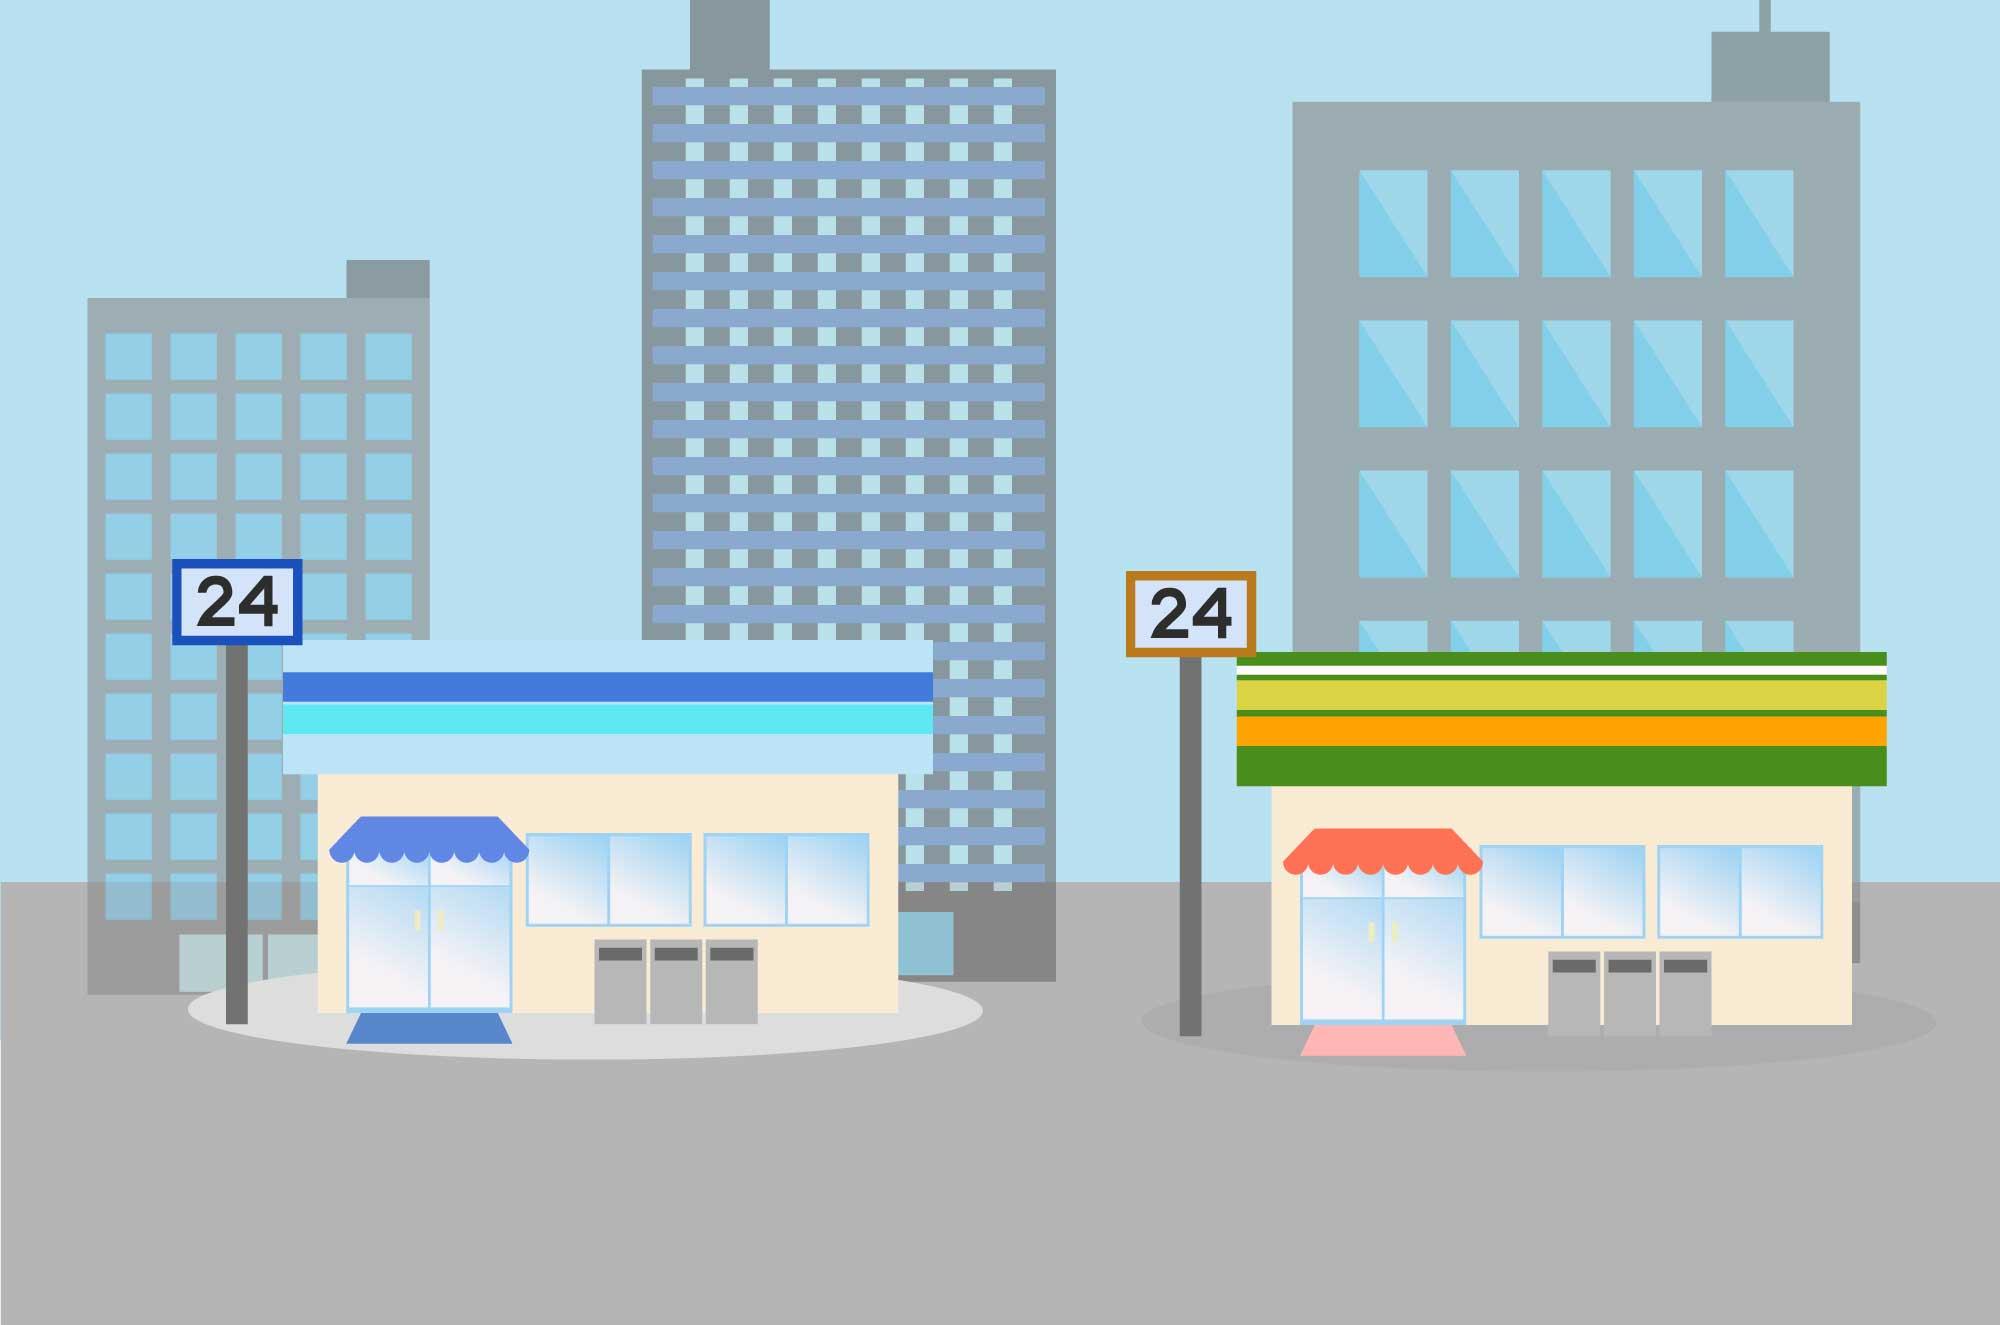 コンビニの無料イラスト - 24時間営業の建物素材